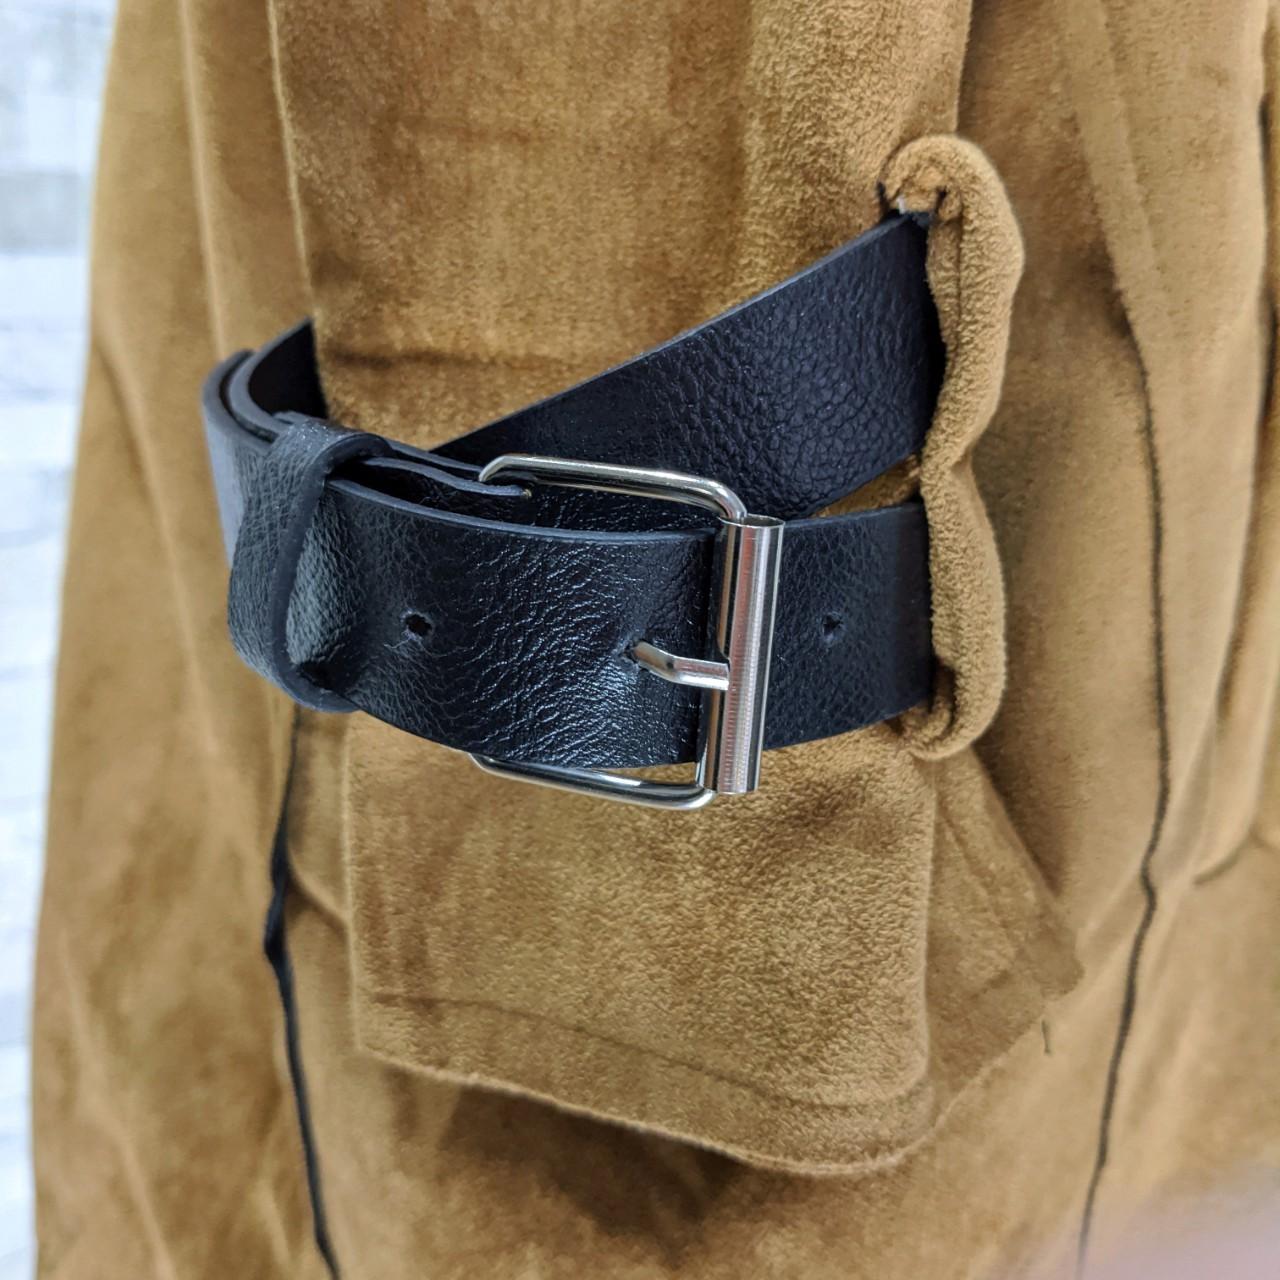 【即納】韓国 ファッション アウター レザージャケット コート 秋 冬 パーティー ブライダル SPTXG910  革ベルト風 エコスエード ジャケット ショート 二次会 セレブ きれいめの写真11枚目